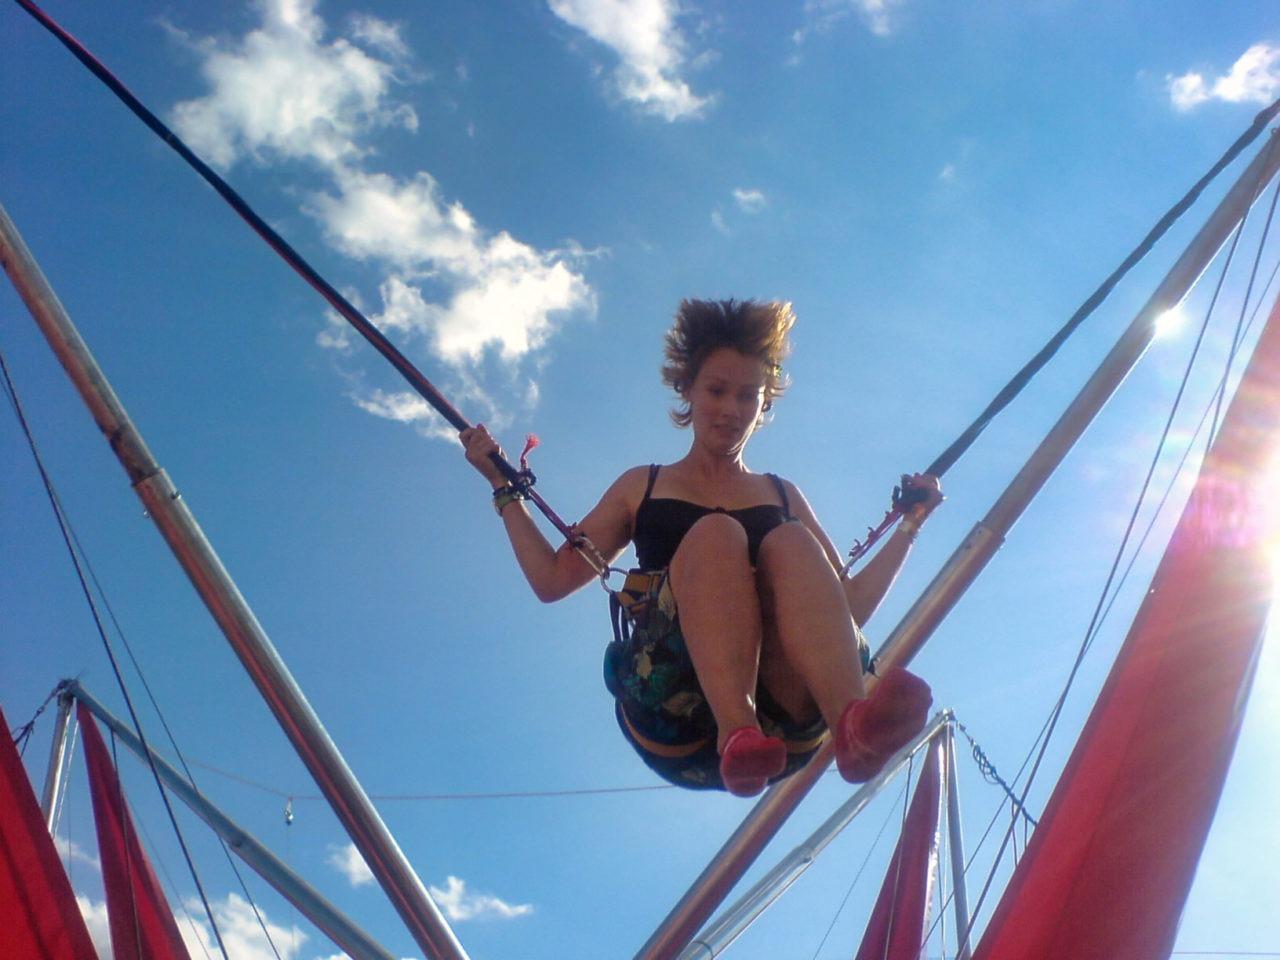 JL in een spring elastiek trampoline ding apparaat schiet voorwerp 04